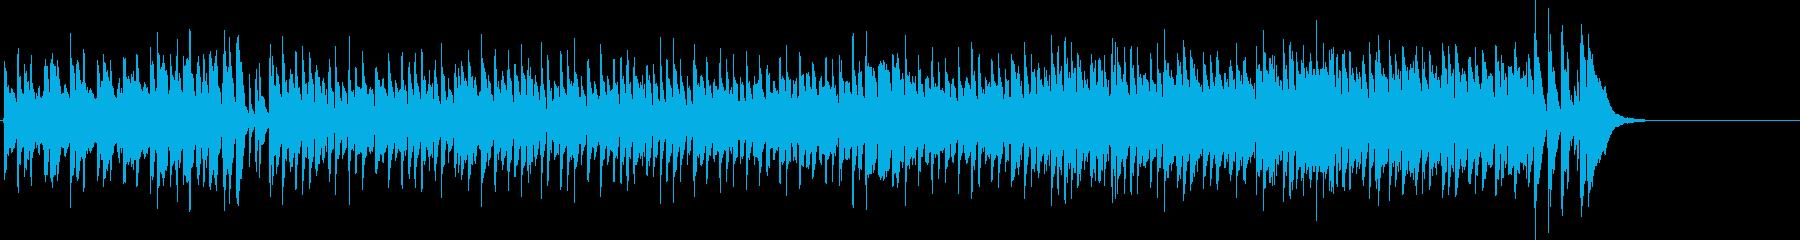 オープニング向けの軽快なポップスの再生済みの波形